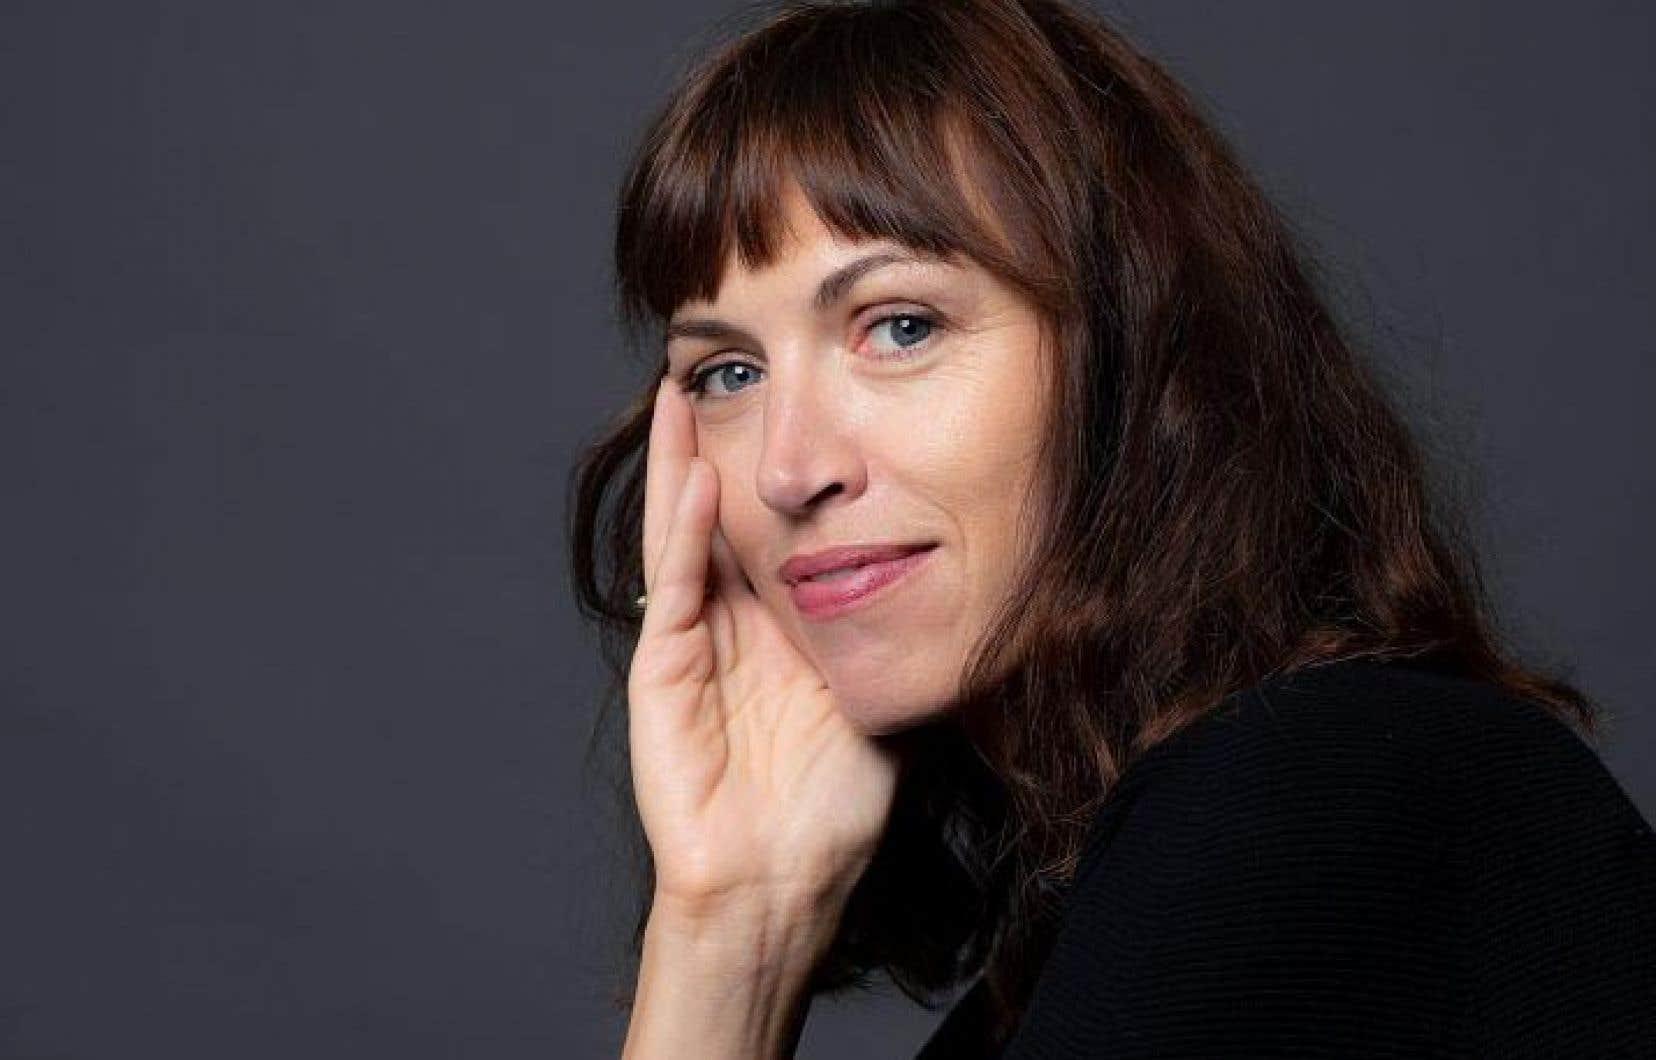 Dans «Le consentement», Vanessa Springora raconte comment elle a été séduite par l'auteur français Gabriel Matzneff dans les années 1980 alors qu'elle était âgée de 13 ans.